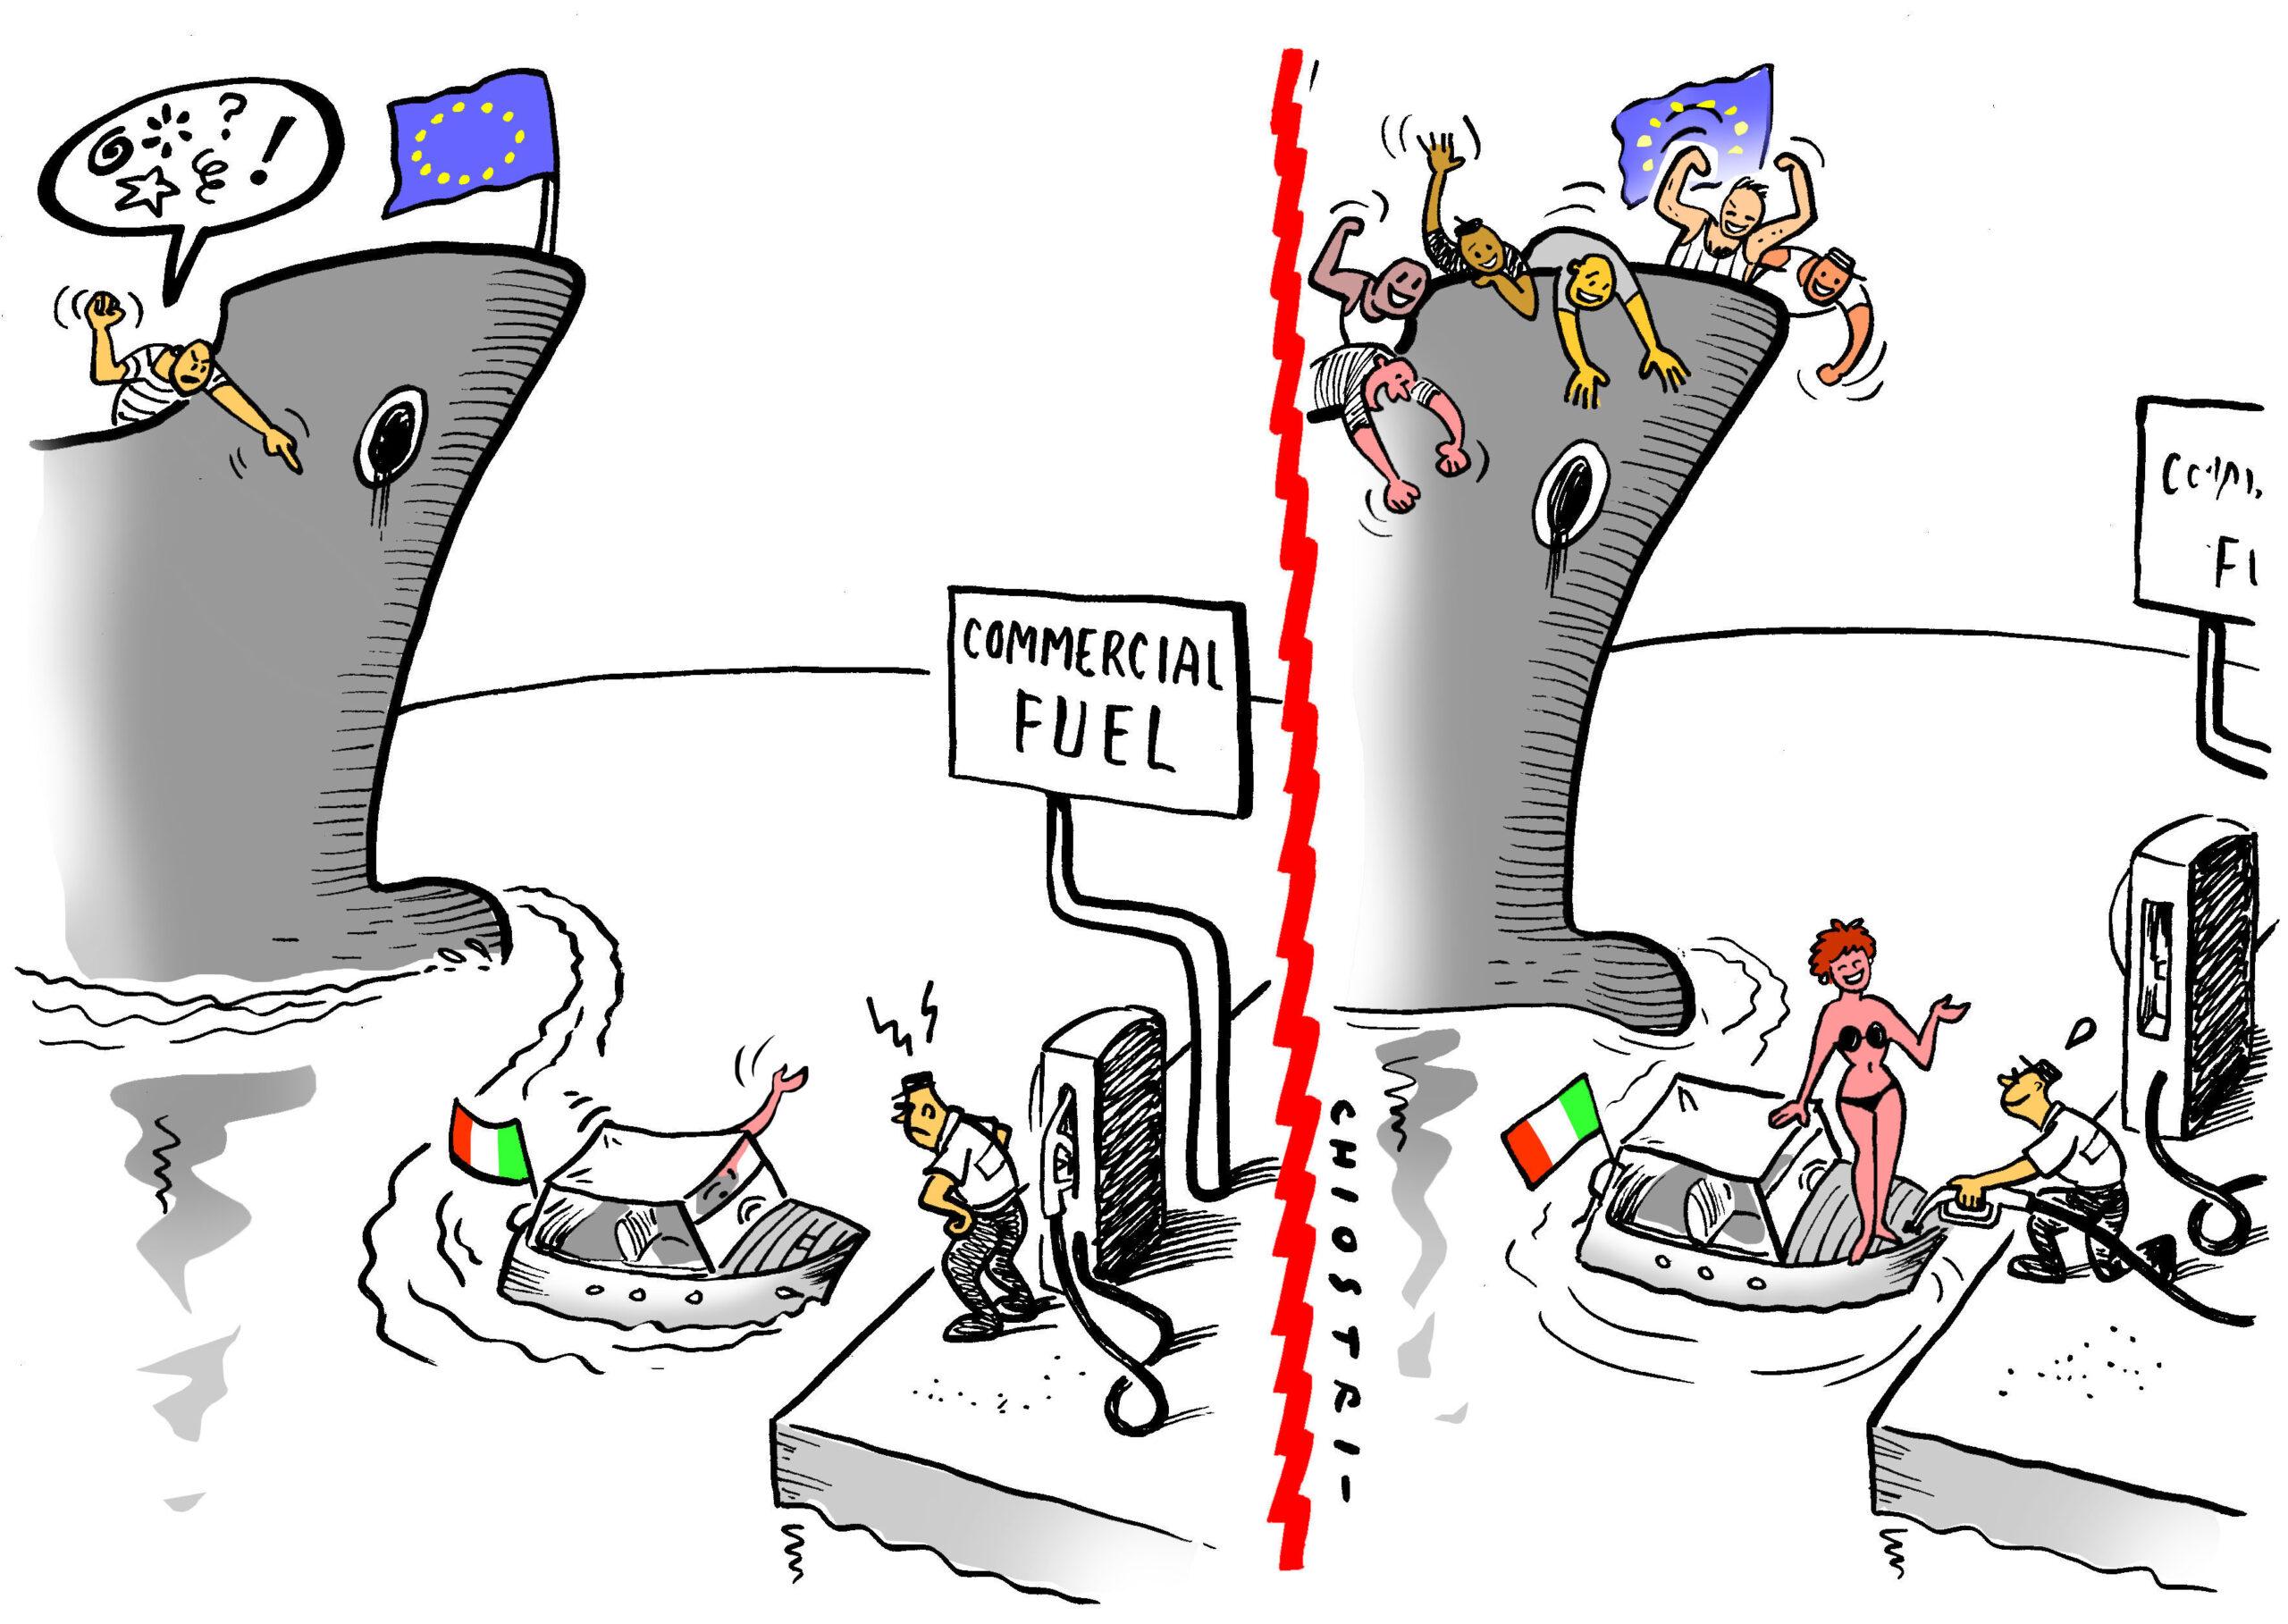 פטור איטלקי על חובות הבלו לסירות תענוגות לפני קביעת הדין